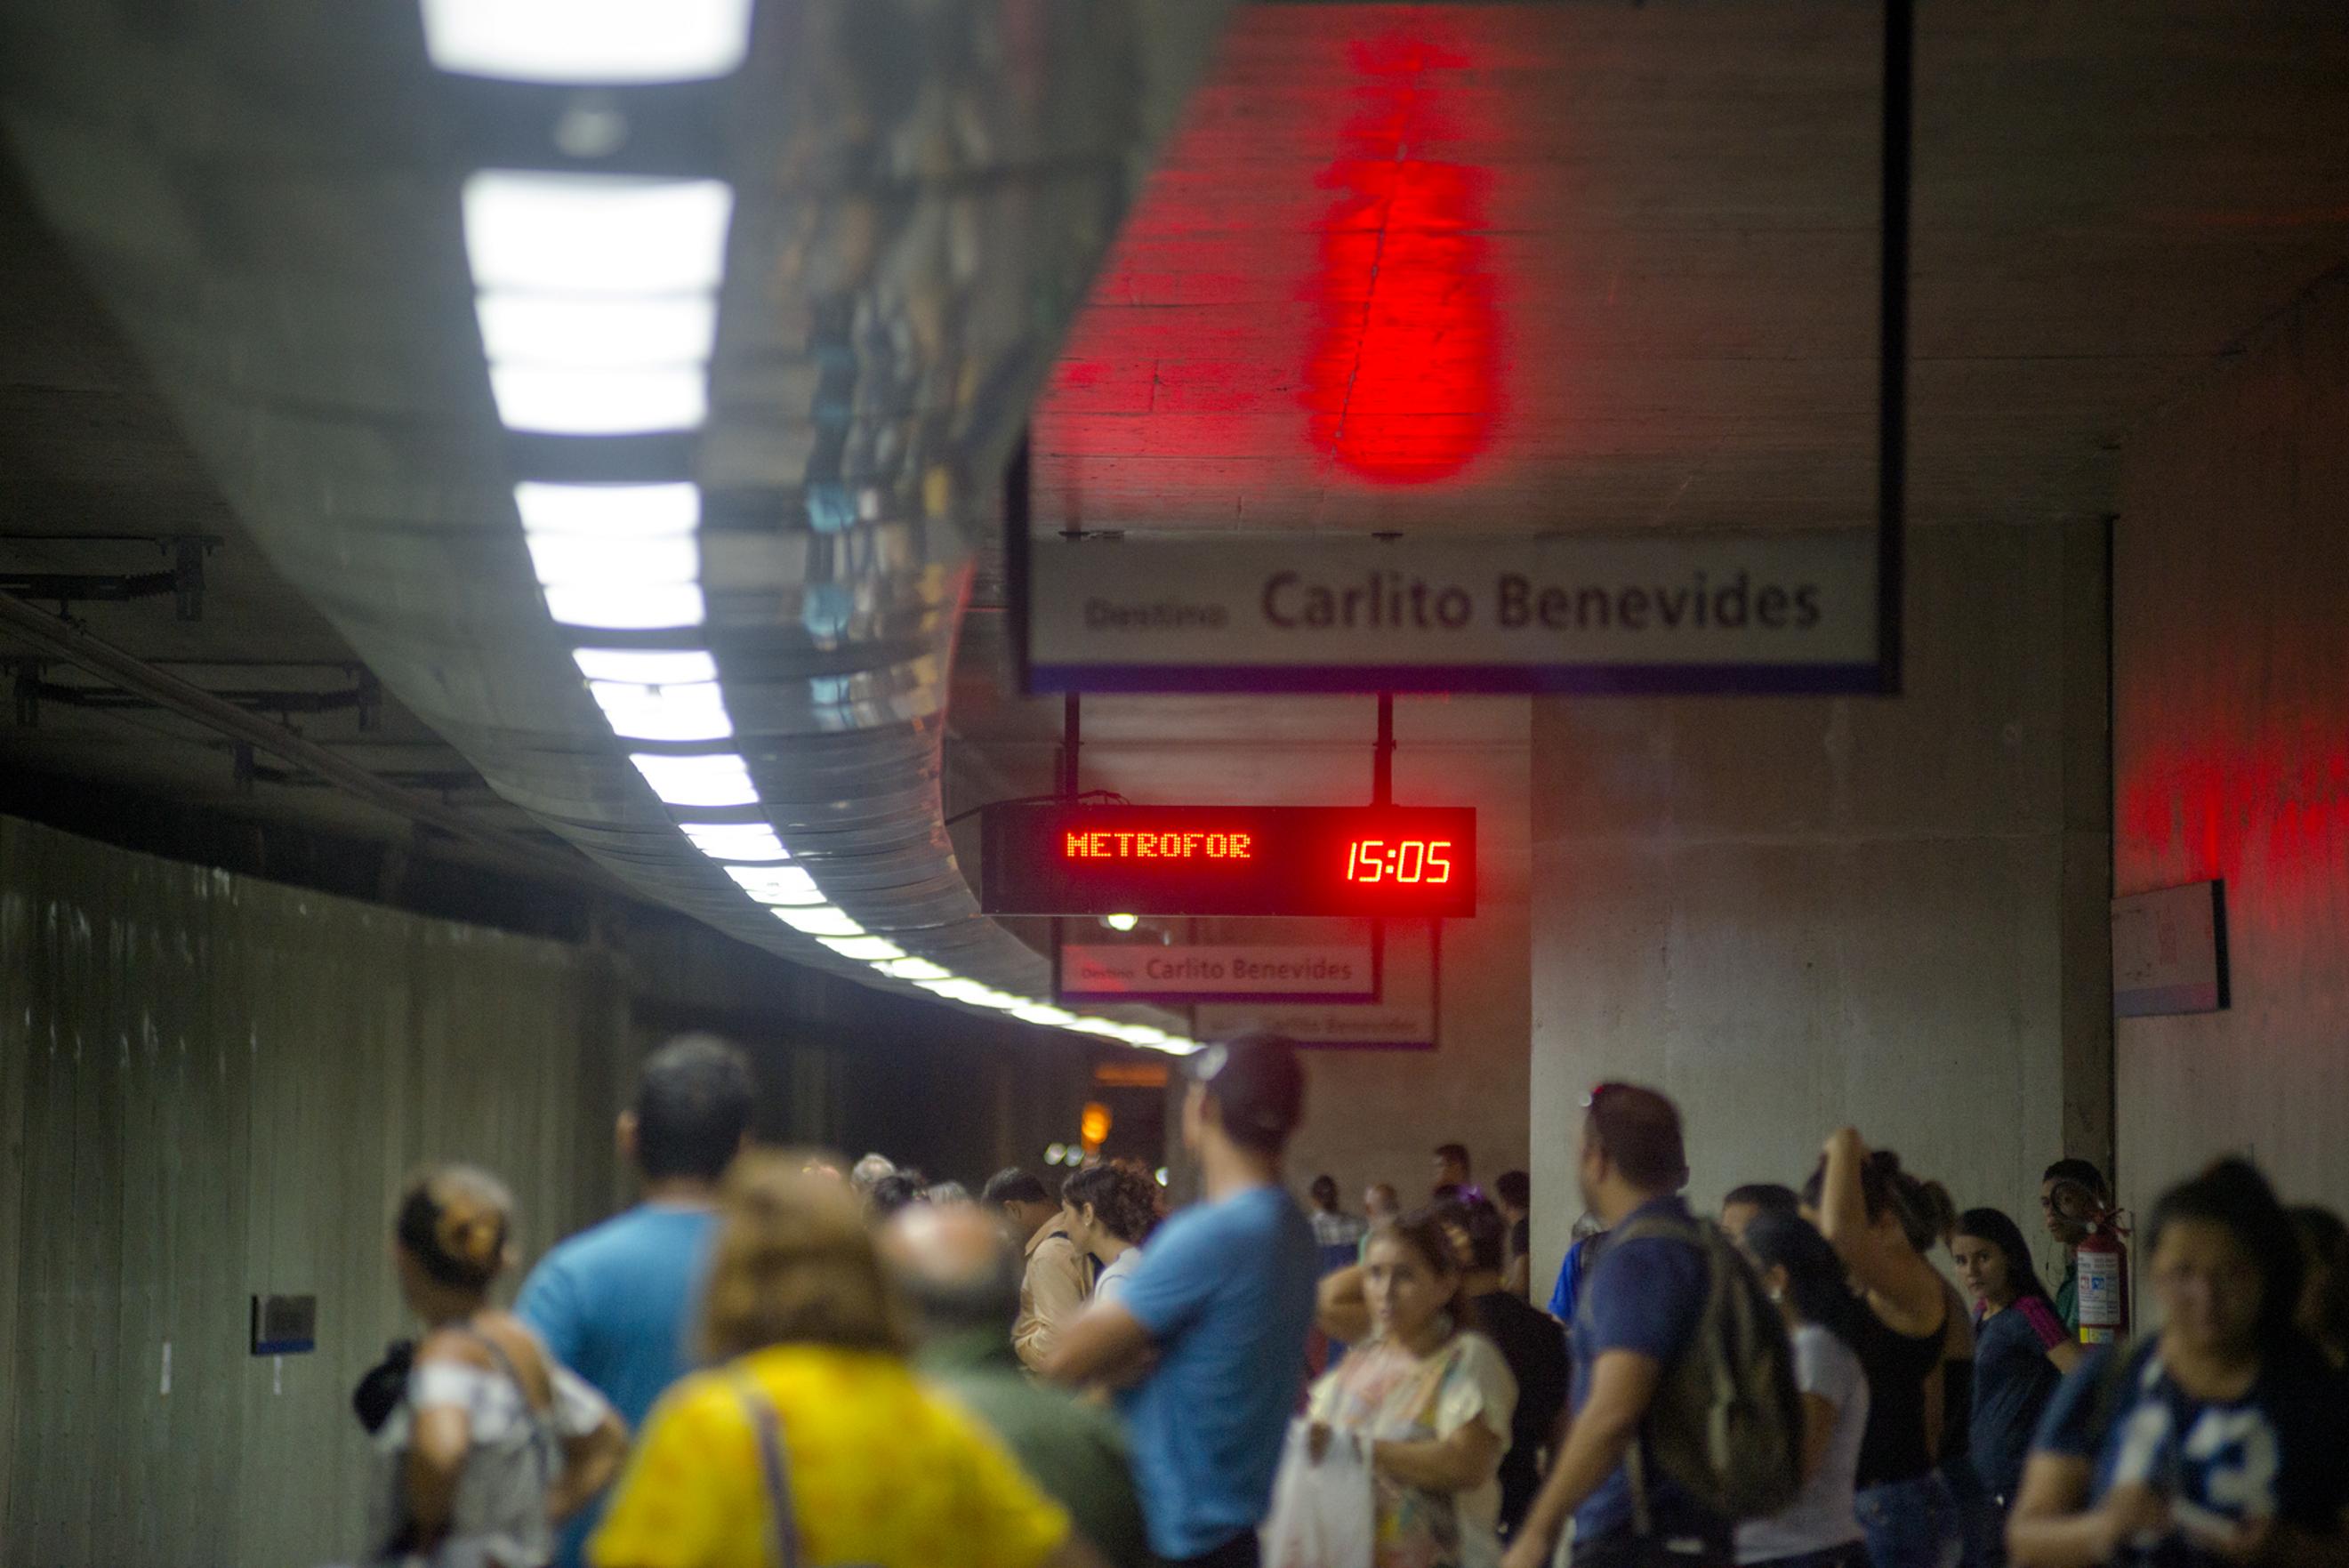 Metrofor convoca empresas para exploração de máquinas de vendas e espaços publicitários nas estações Benfica e Parangaba